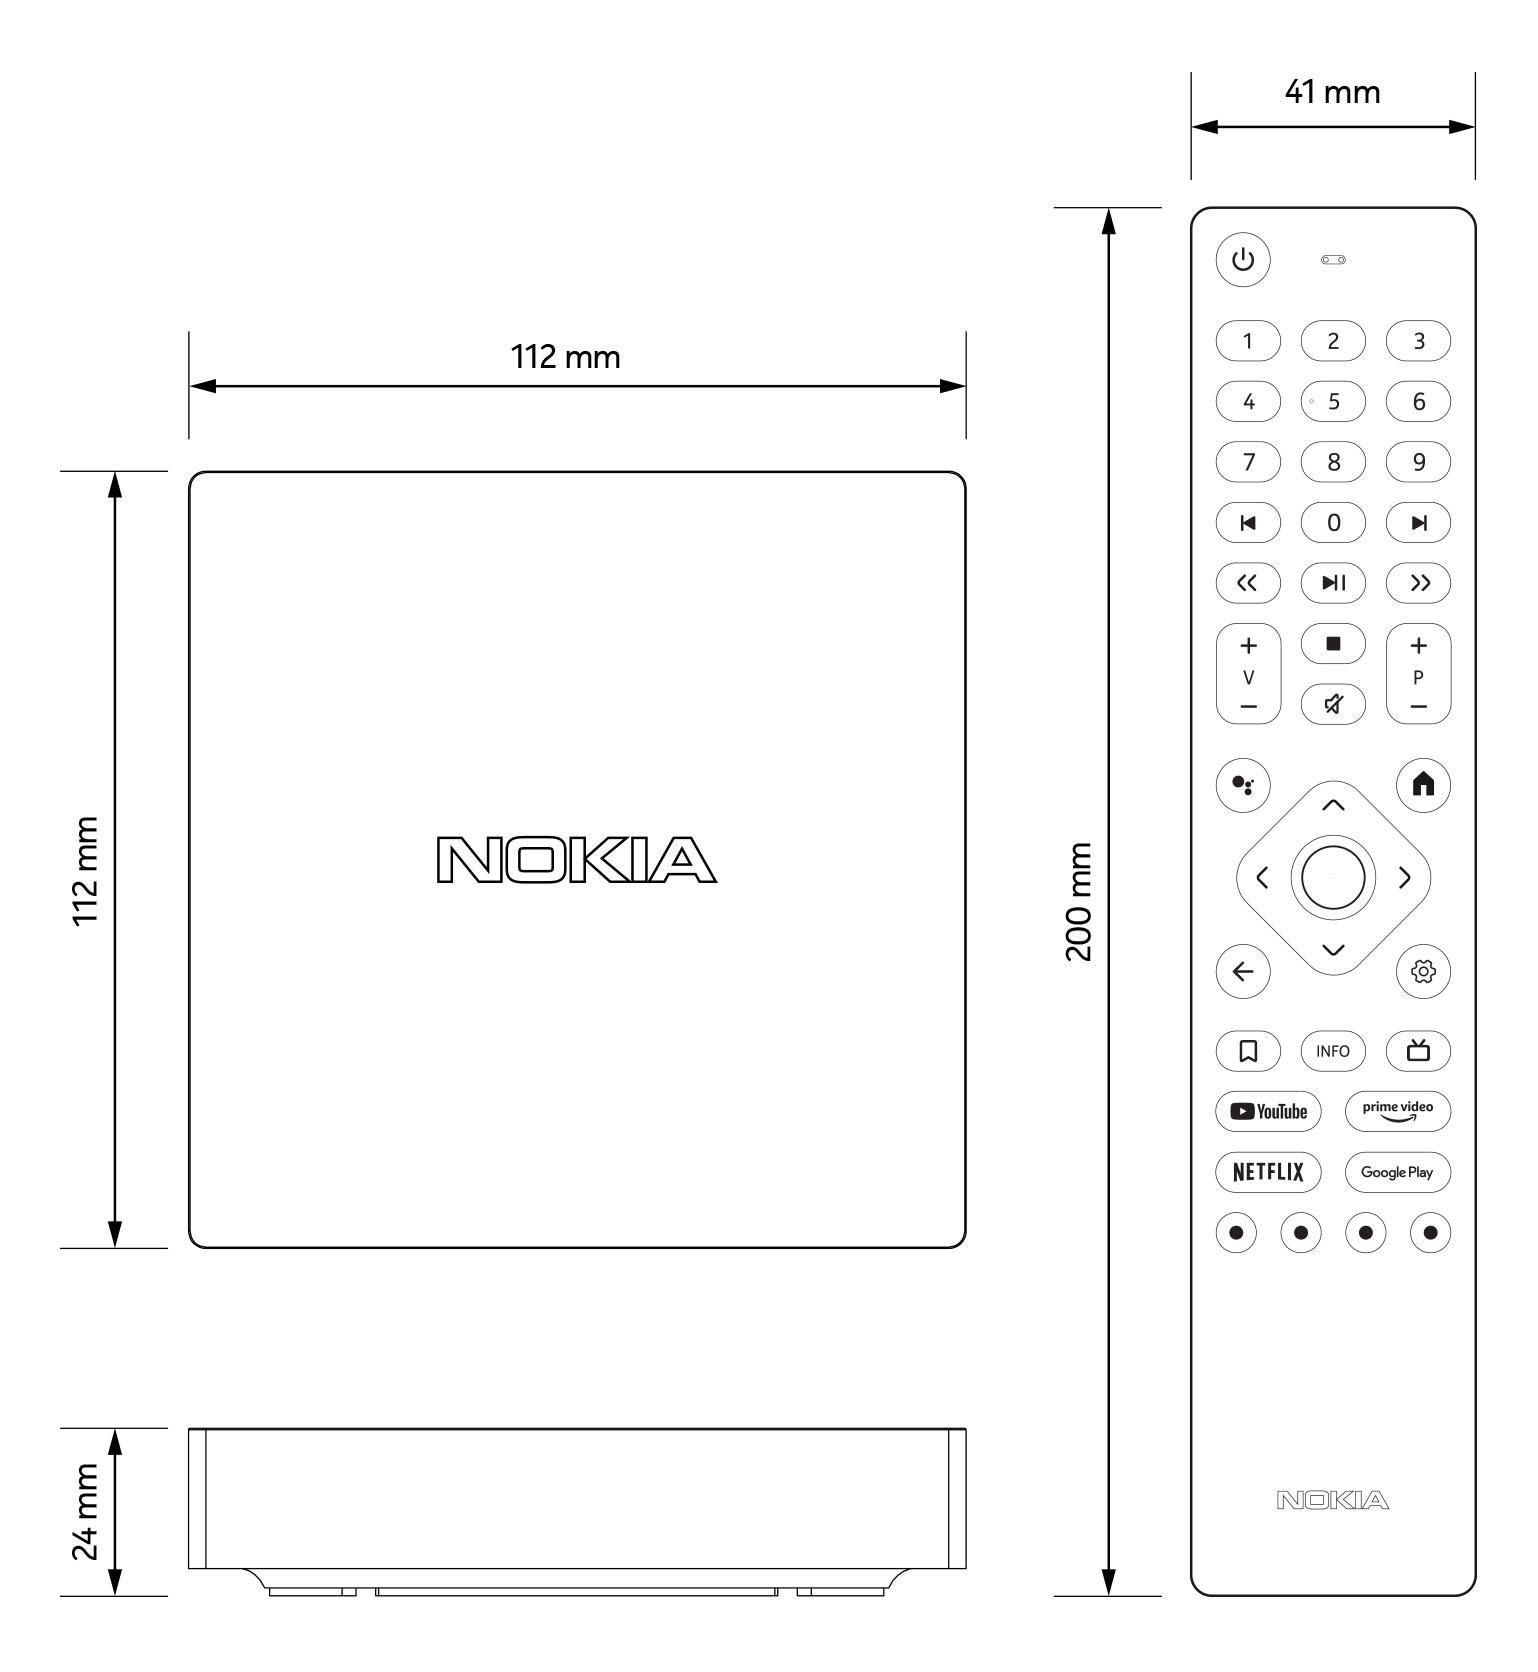 Nokia Nokia Android TV box